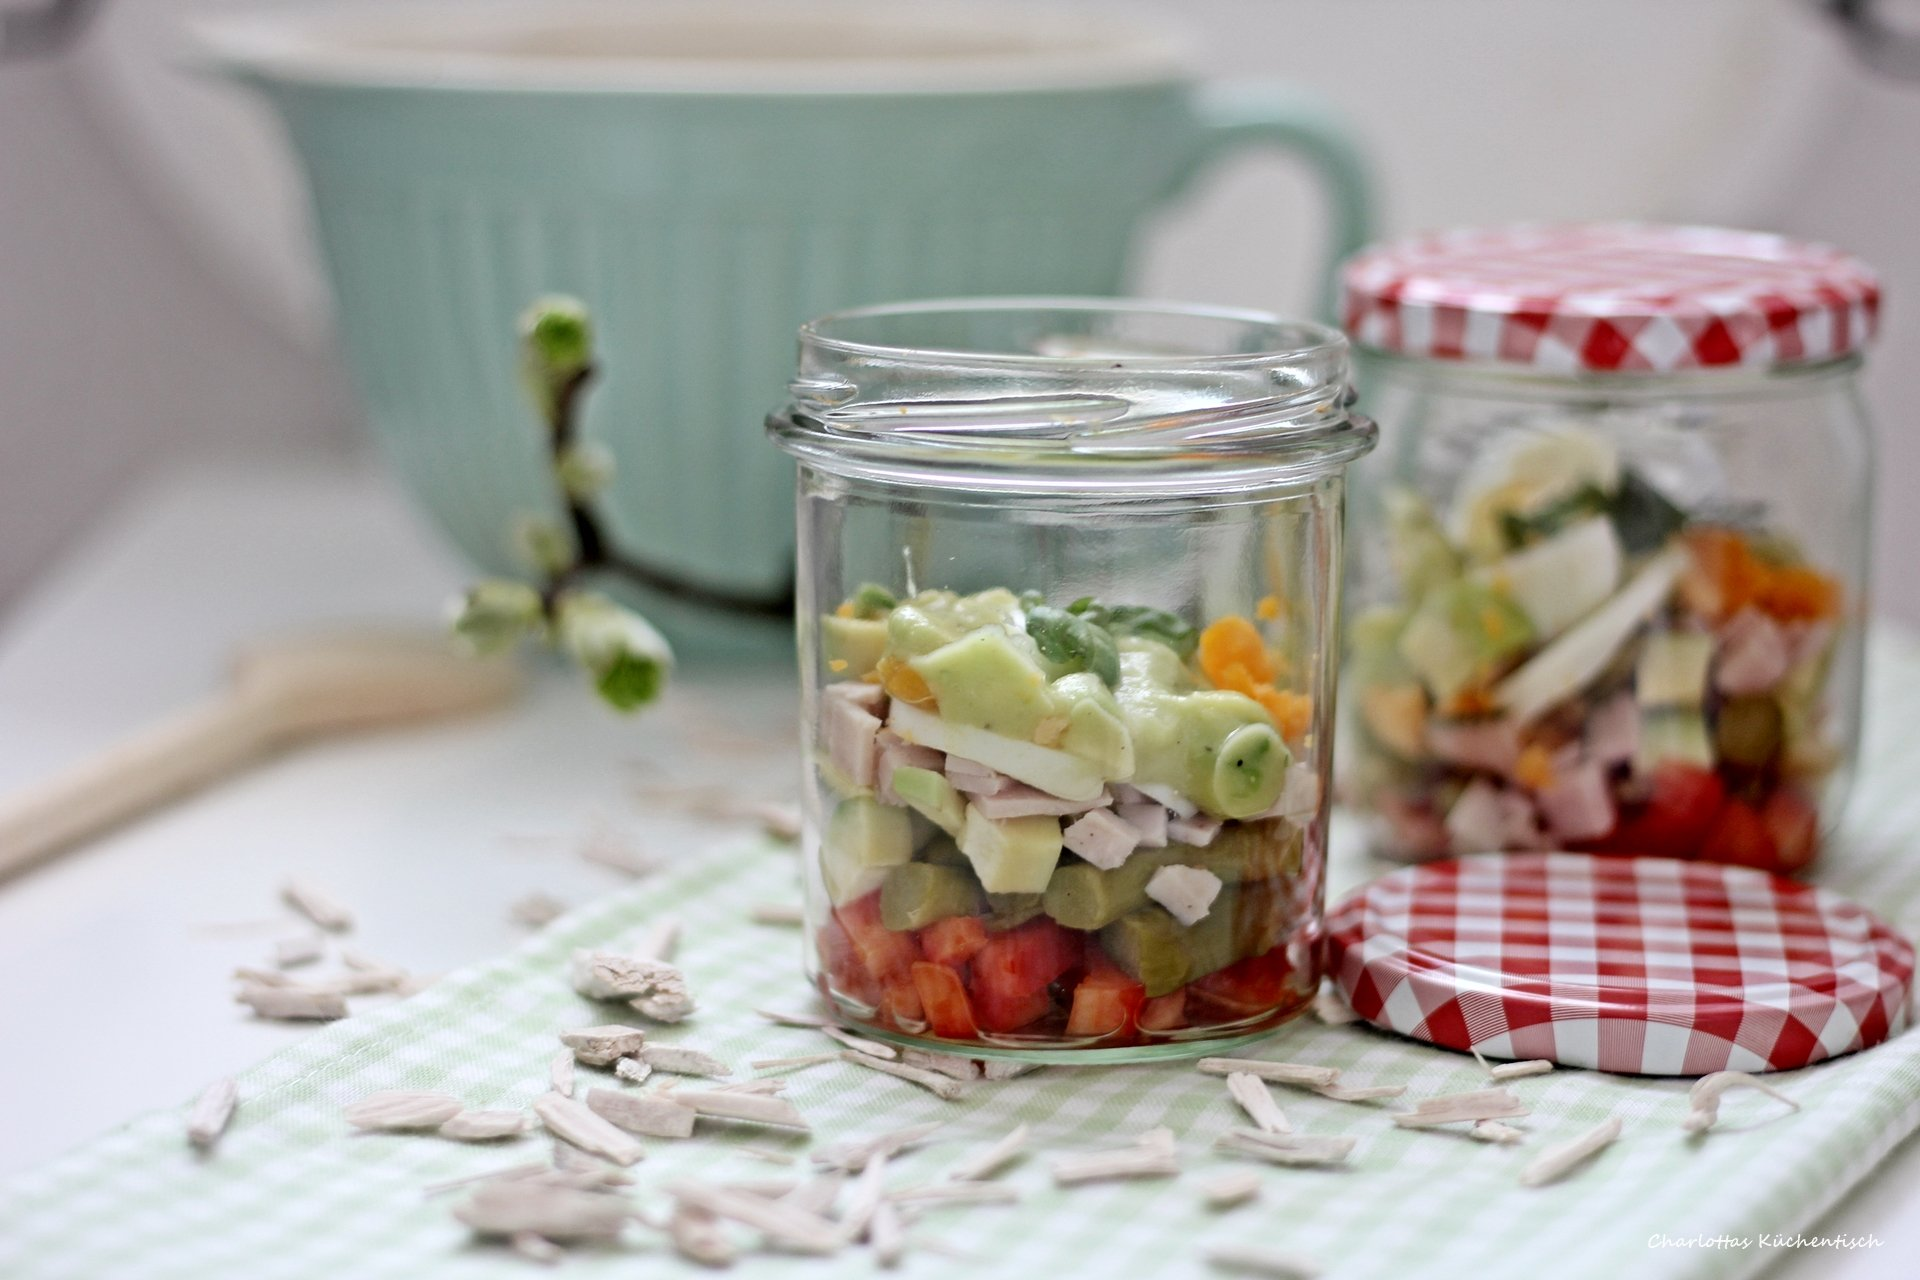 Spargelsalat, Avocadosalat, Avocado, Avocado Eier Salat, Spargel, Eiersalat